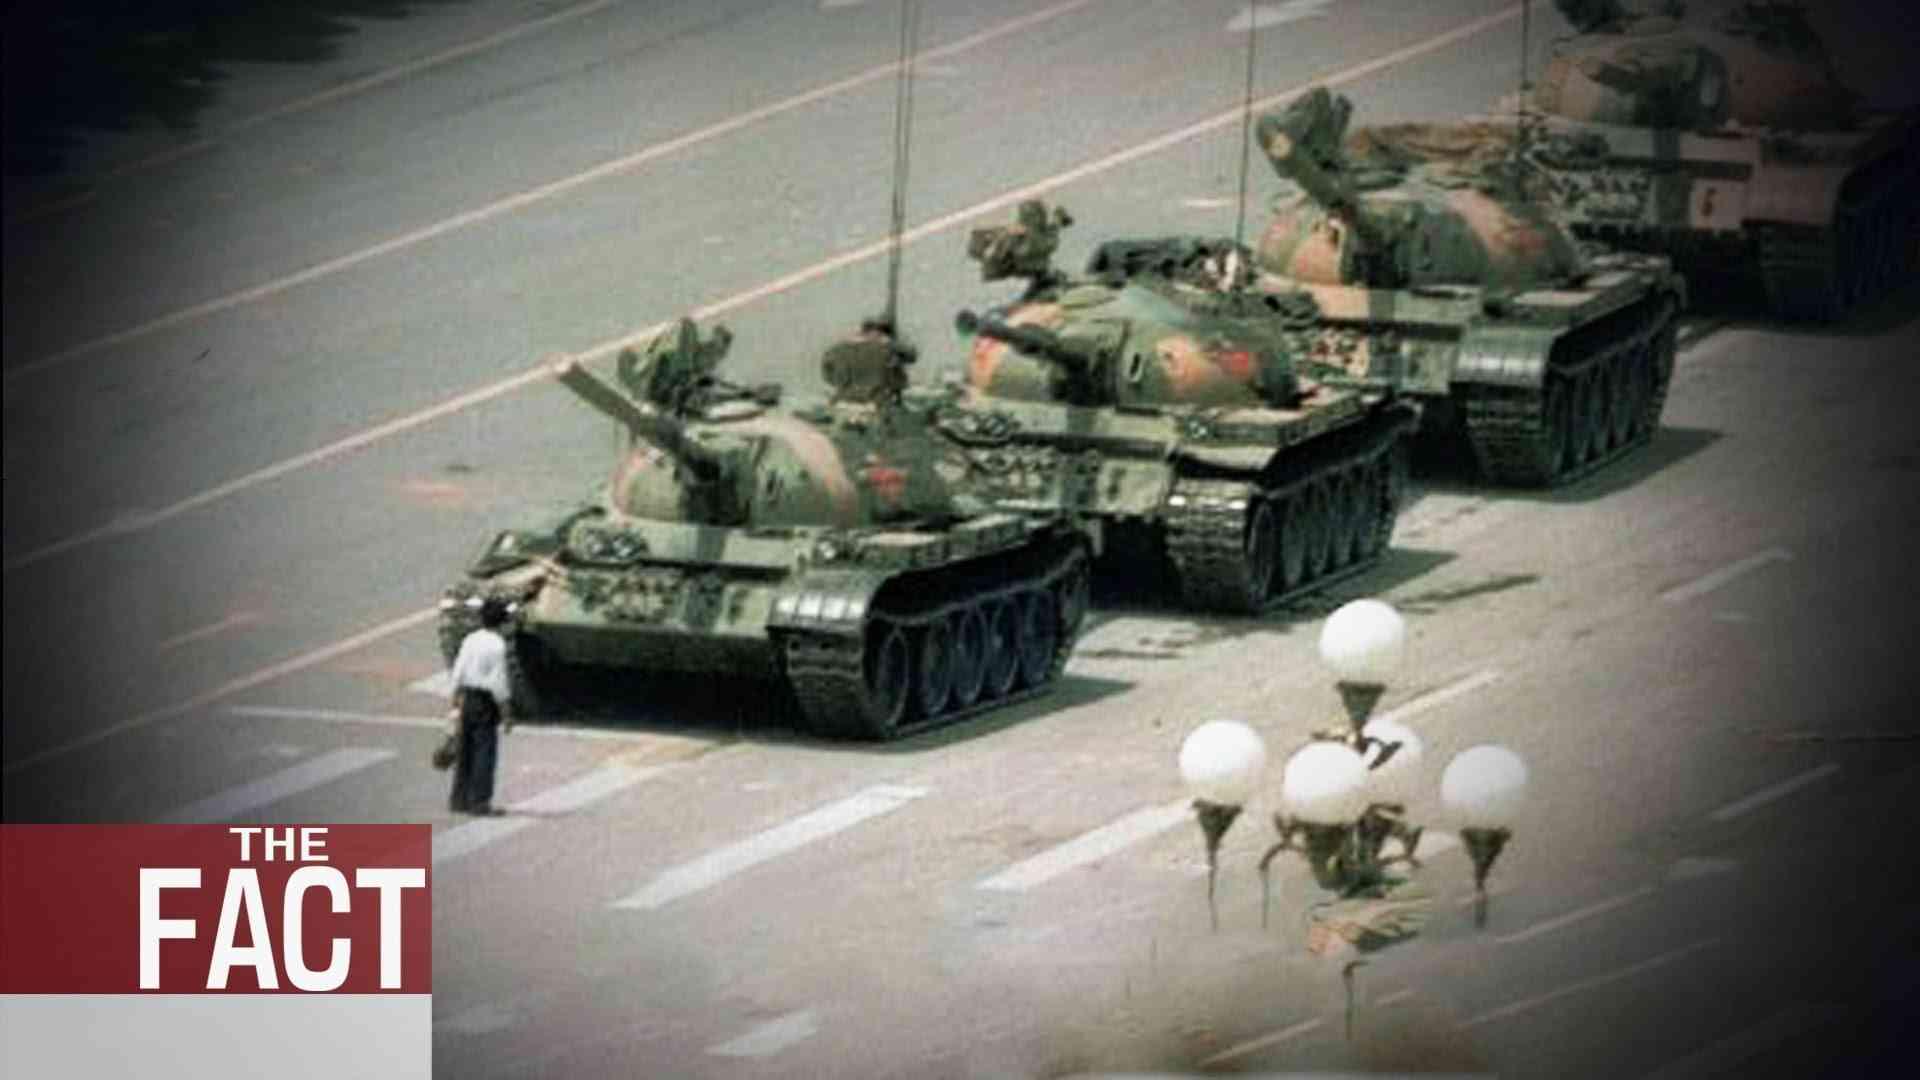 歴史的な瞬間を捉えた写真を貼るトピ